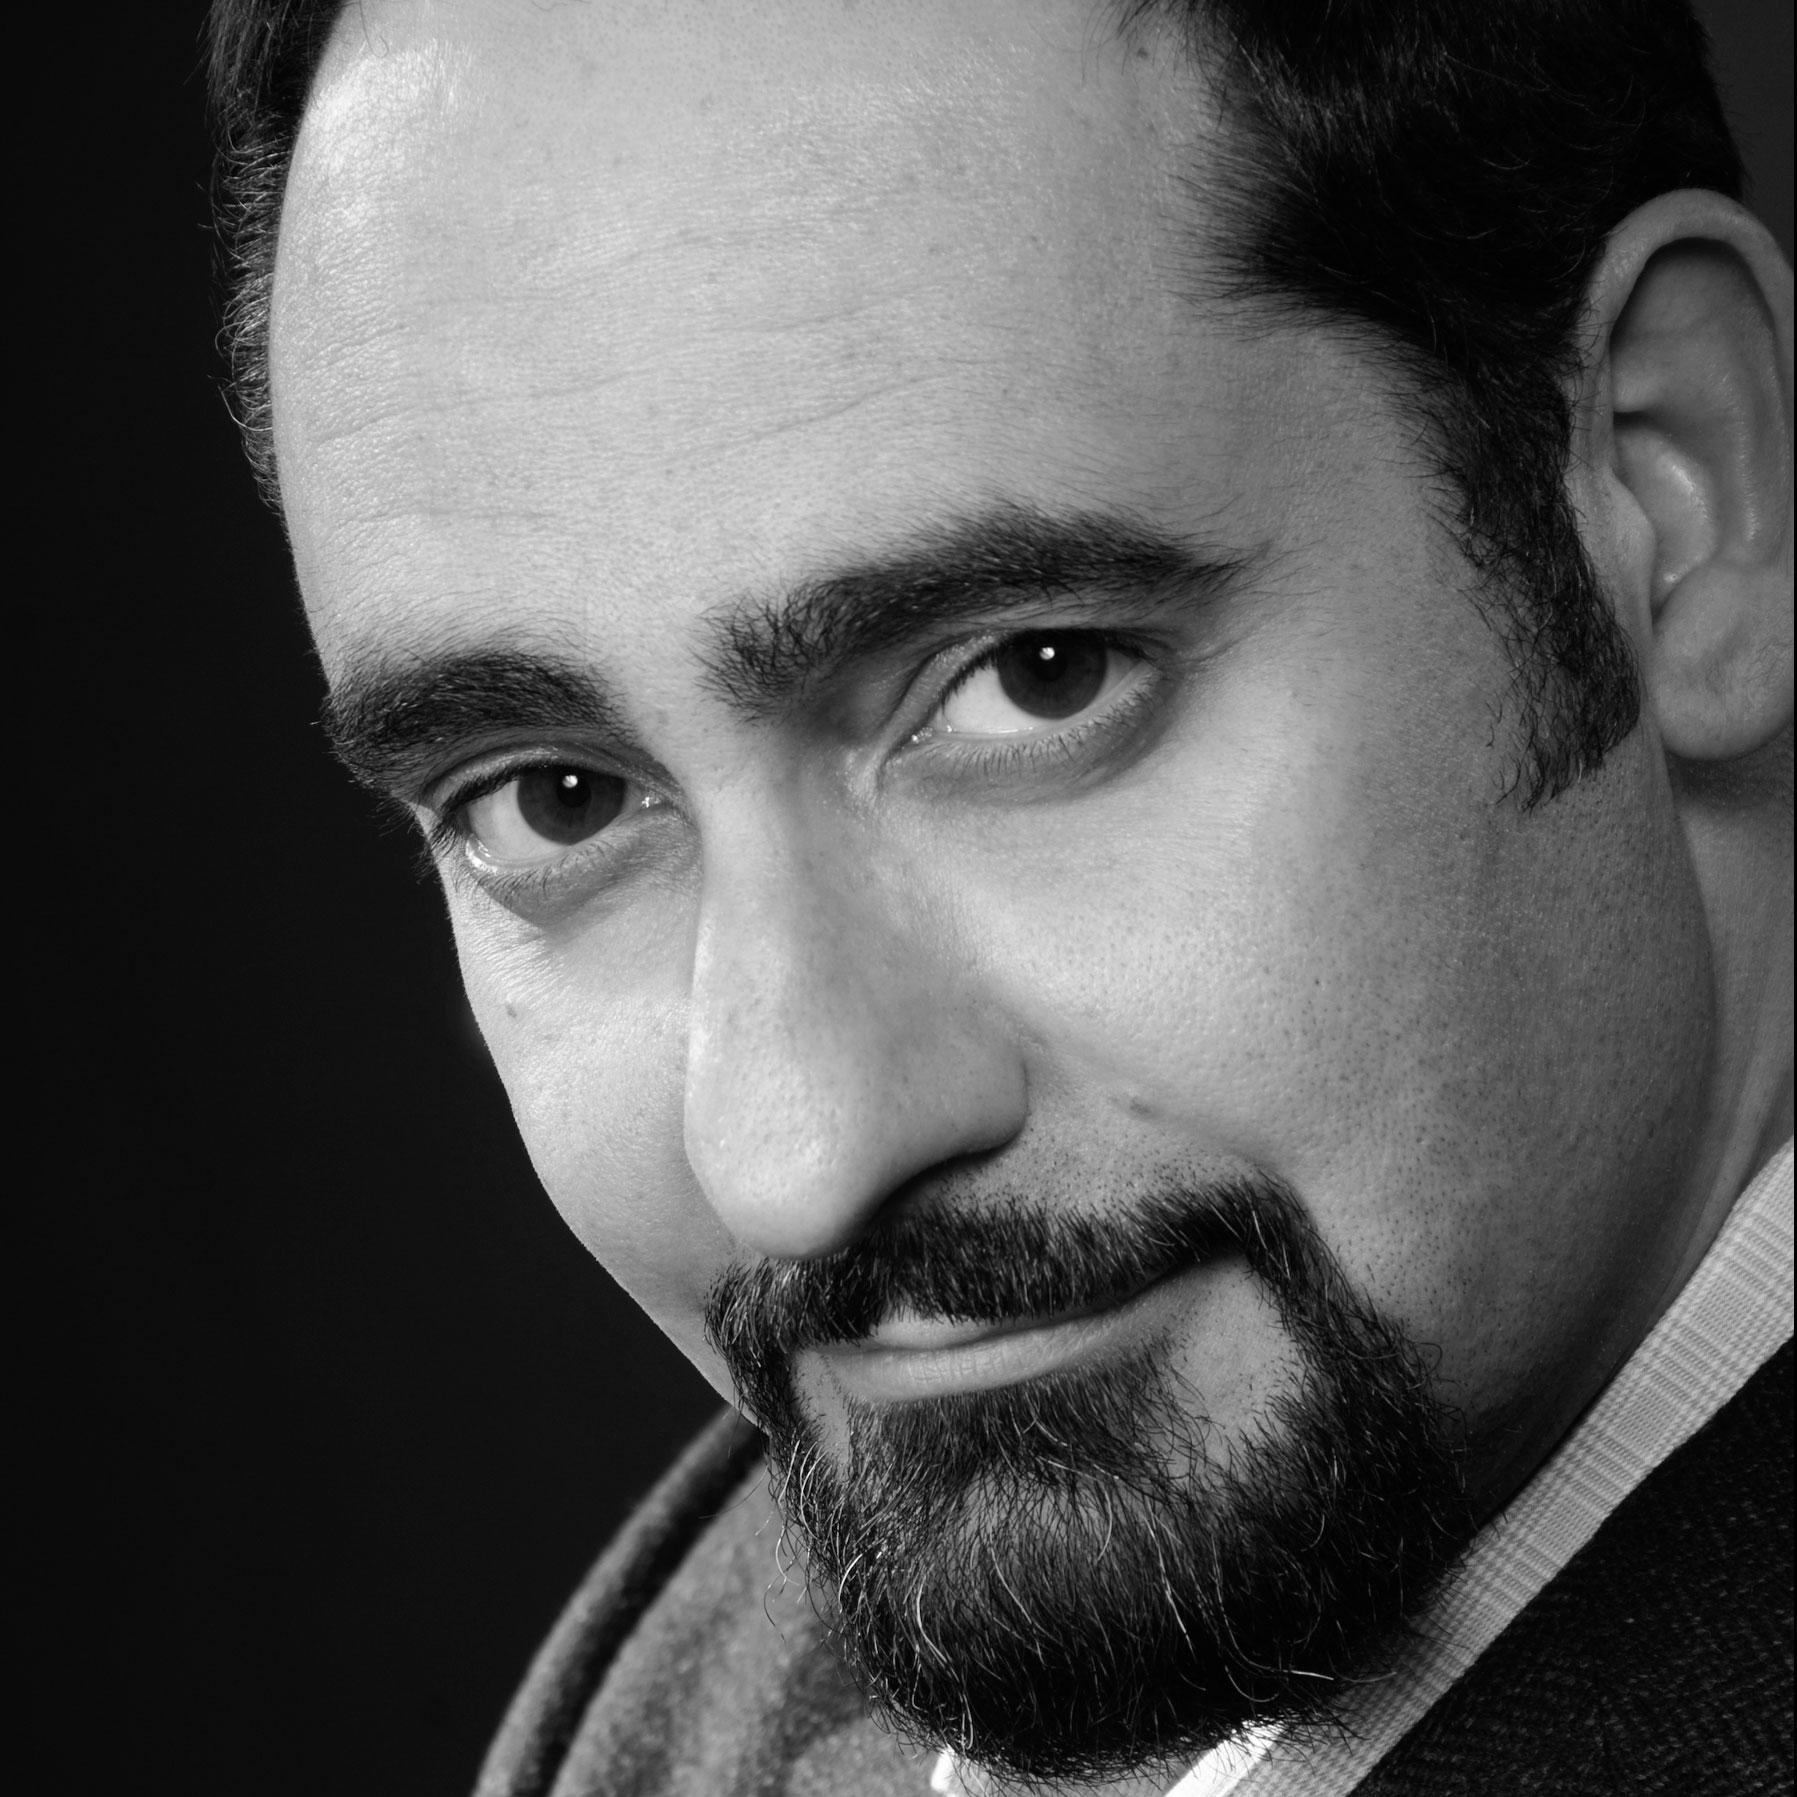 Marco Nistico